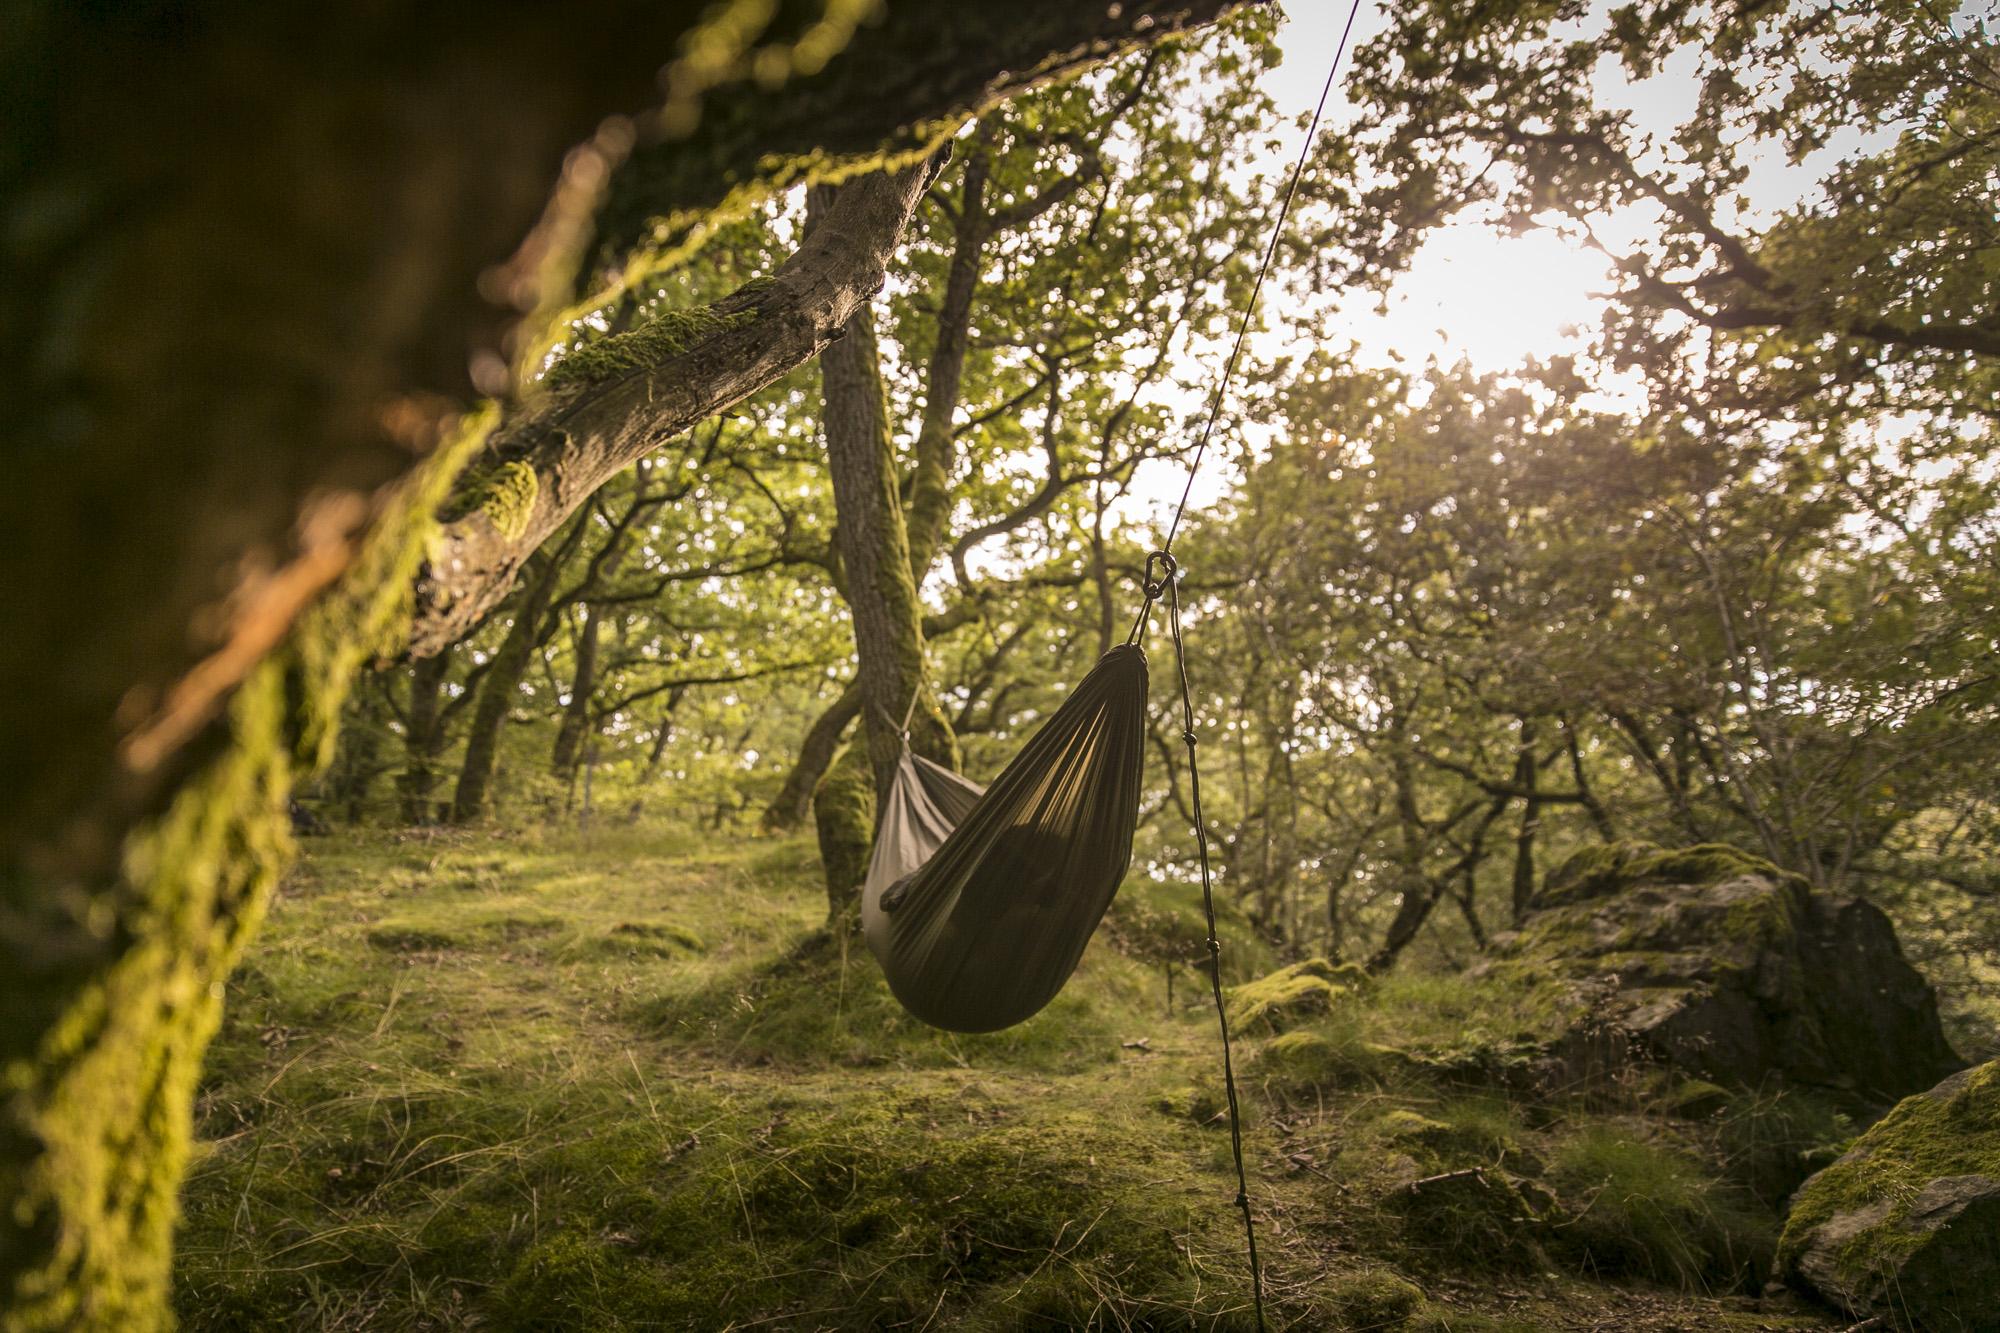 snugpak-jungle-hammock-19